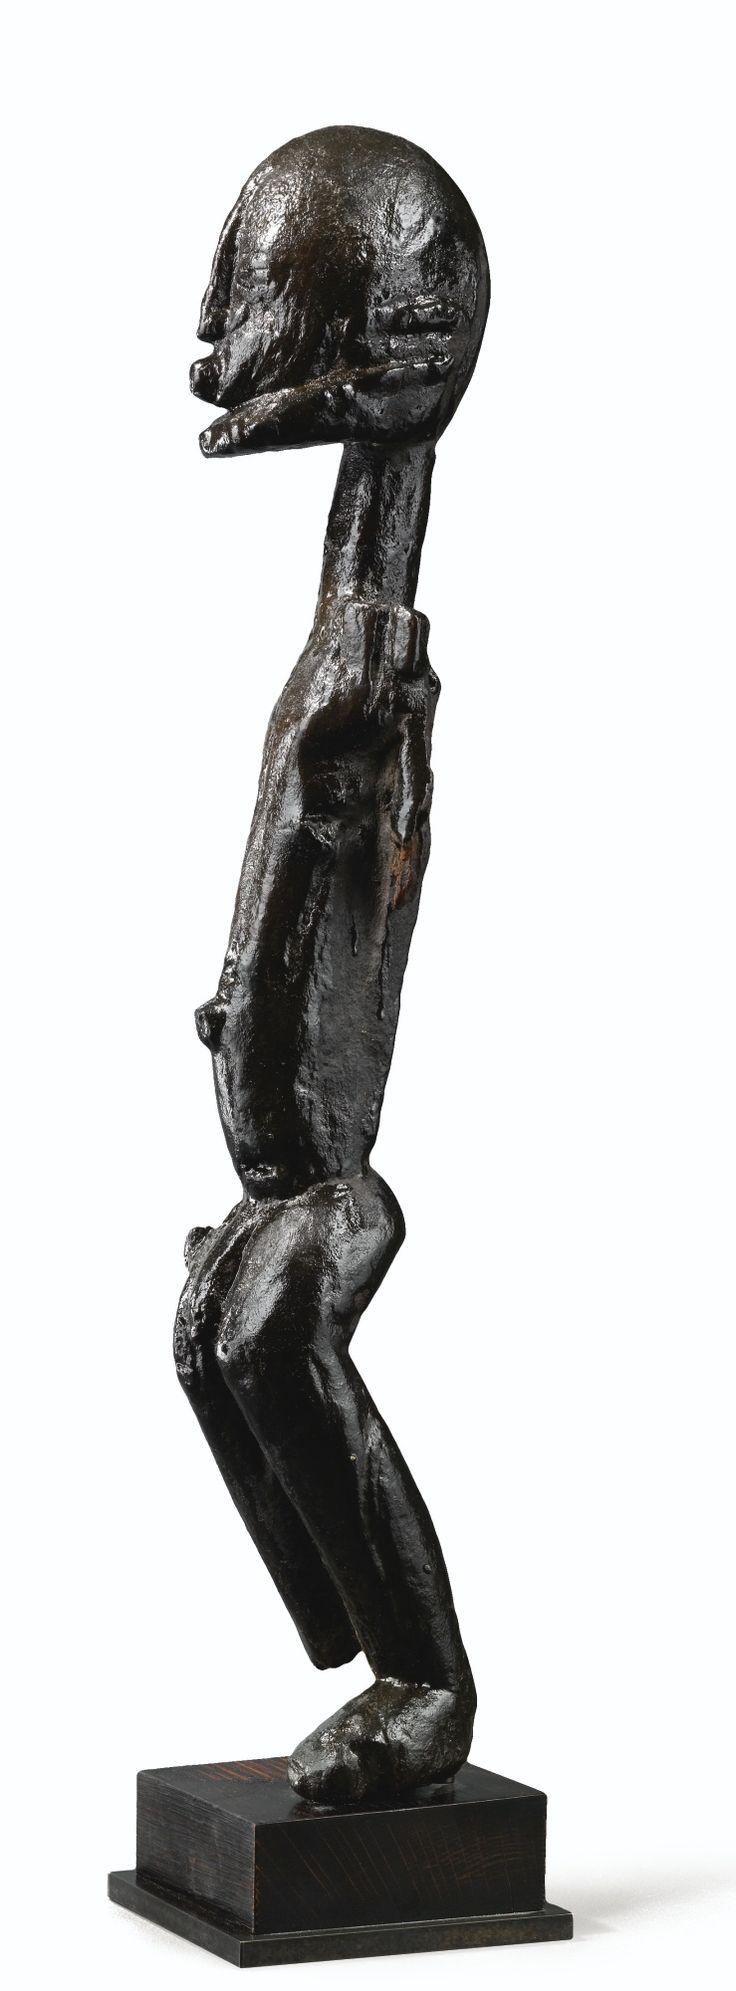 dogon statue ||| figure ||| sotheby's pf1338lot6vdvmfr